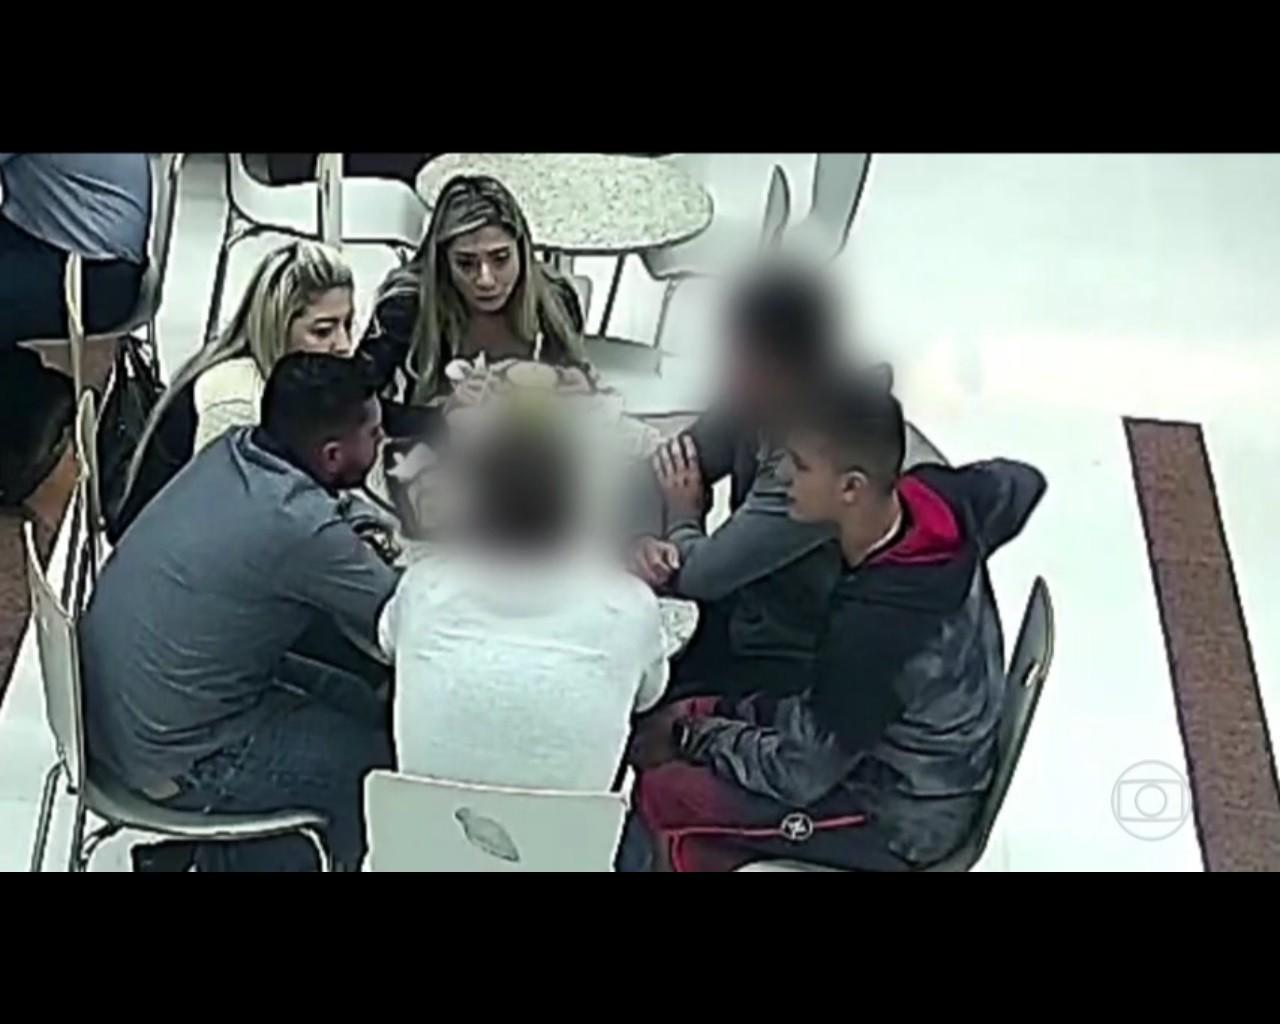 a17ceb548 Eduardo Purkote Chiuratto estava preso desde o dia 15 de novembro. Do lado  esquerdo (família Brittes) e do lado direito (Eduardo Purkote).